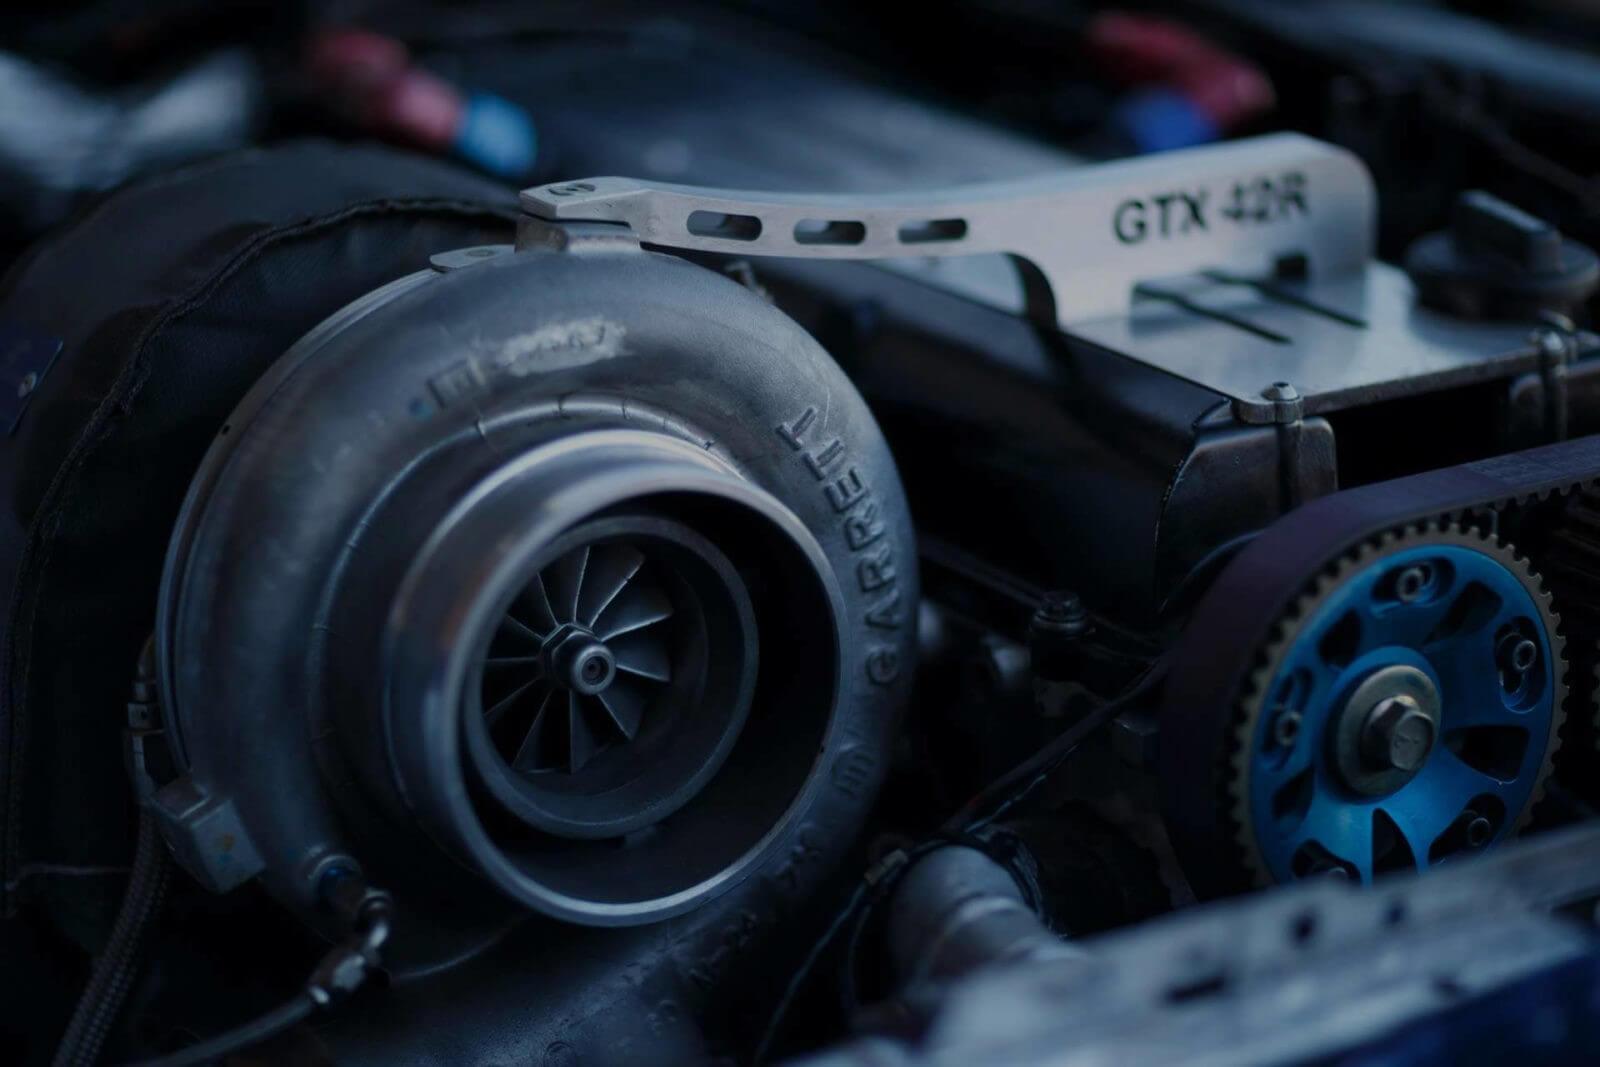 regenerowane turbosprezarki i sprzegla